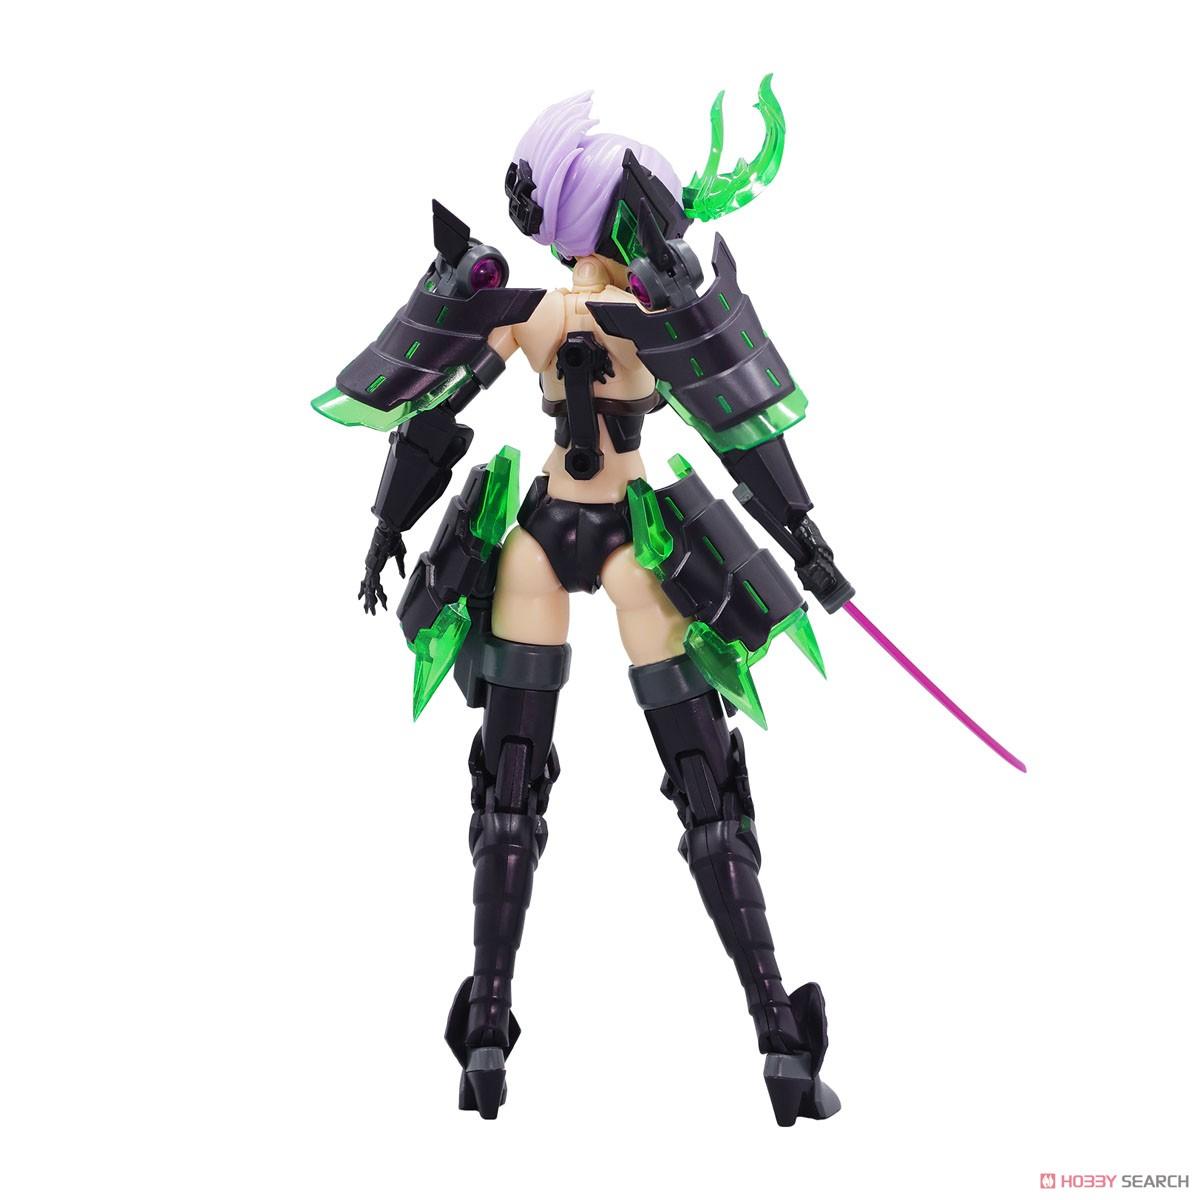 ATKガール『A.T.K.GIRL ARACHNE 2.0』1/12 プラモデル-004